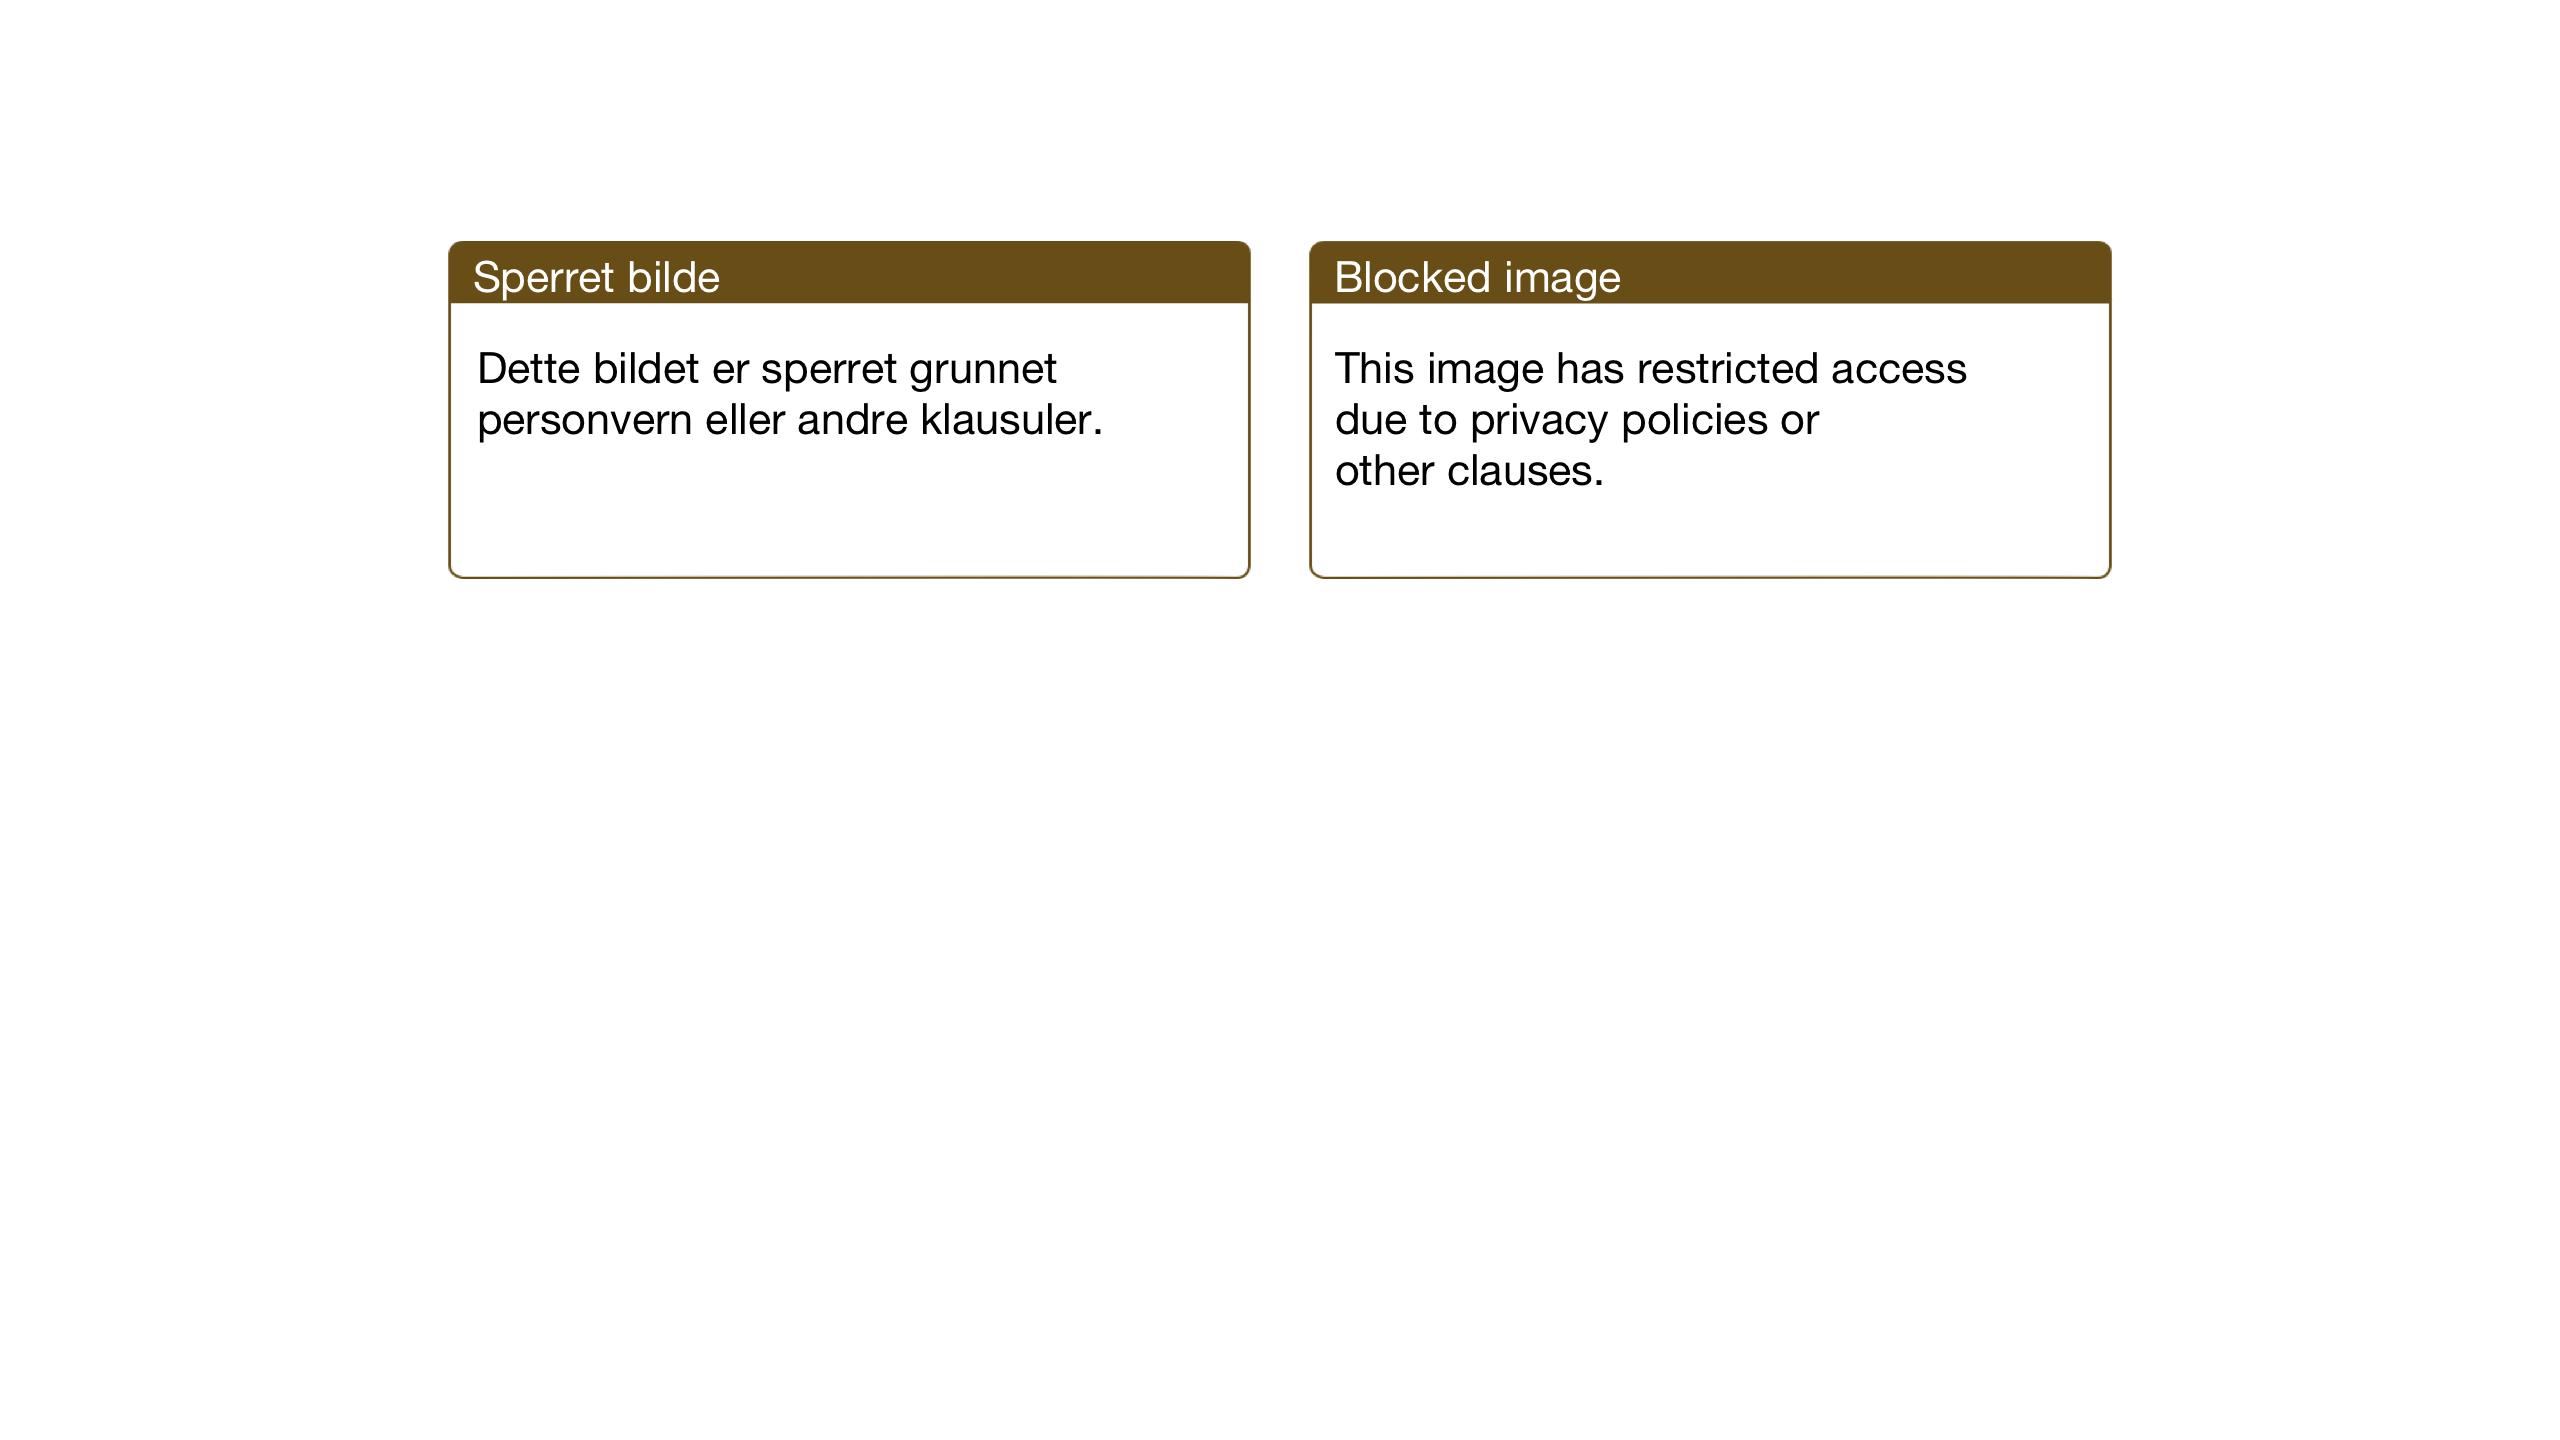 SAT, Ministerialprotokoller, klokkerbøker og fødselsregistre - Sør-Trøndelag, 638/L0569: Klokkerbok nr. 638C01, 1923-1961, s. 35